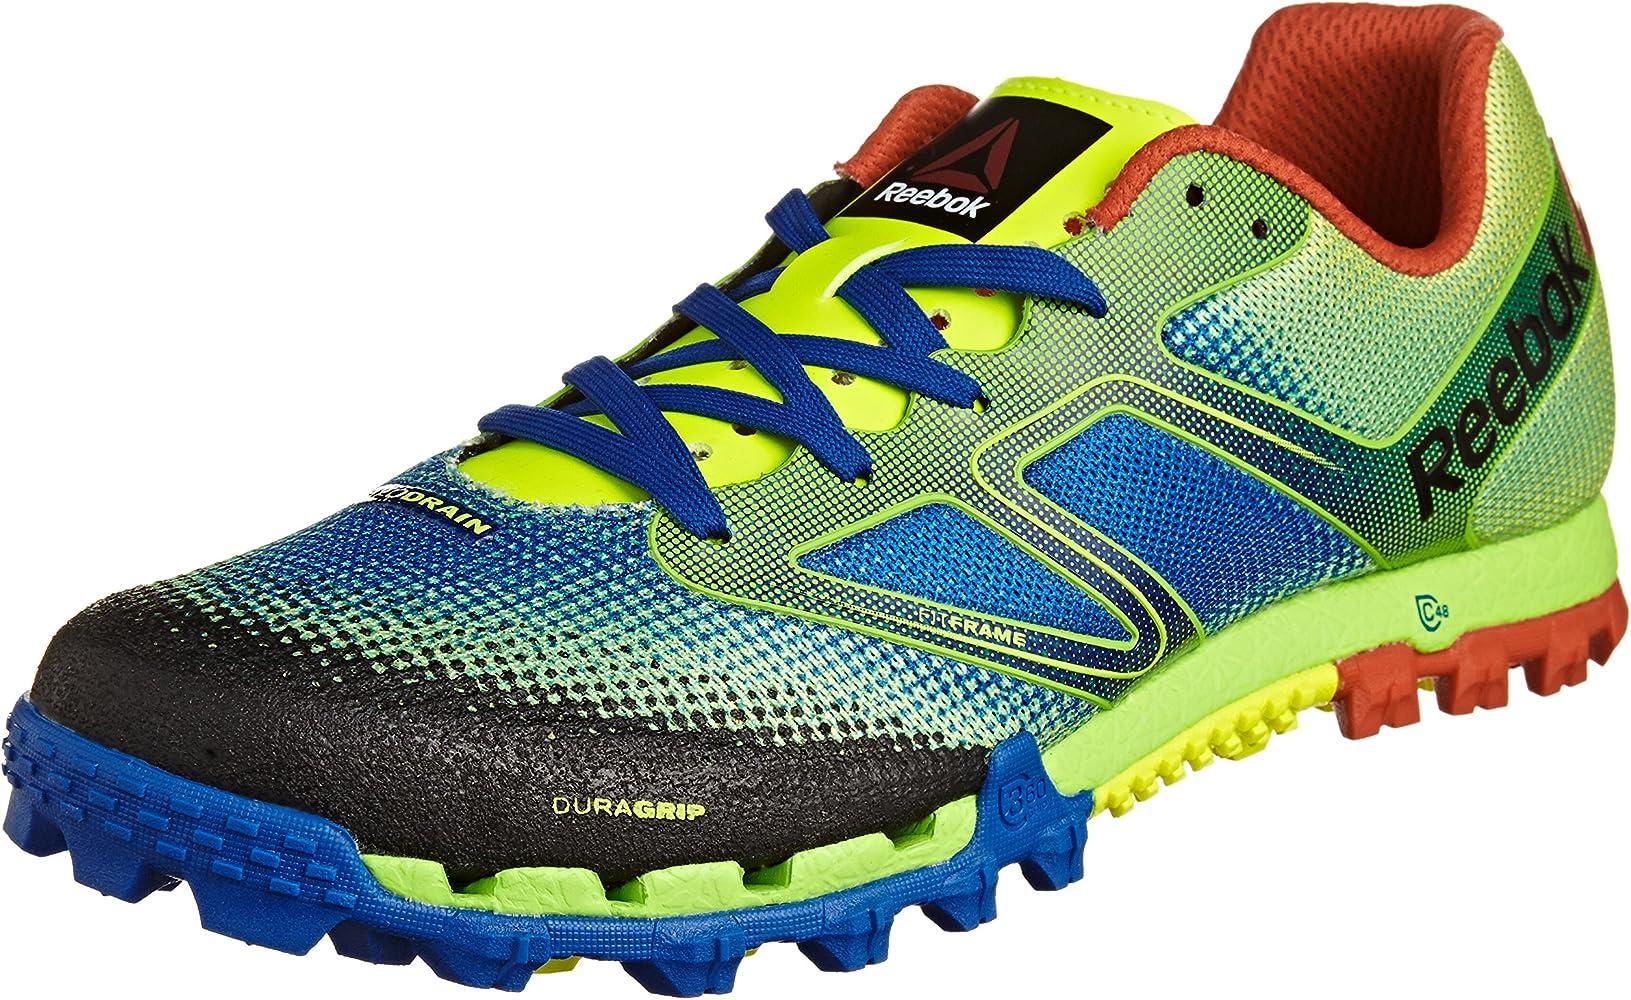 Reebok Todo Terreno Súper Hombres de los zapatos corrientes Amarillo M43837, Size:39: Amazon.es: Zapatos y complementos